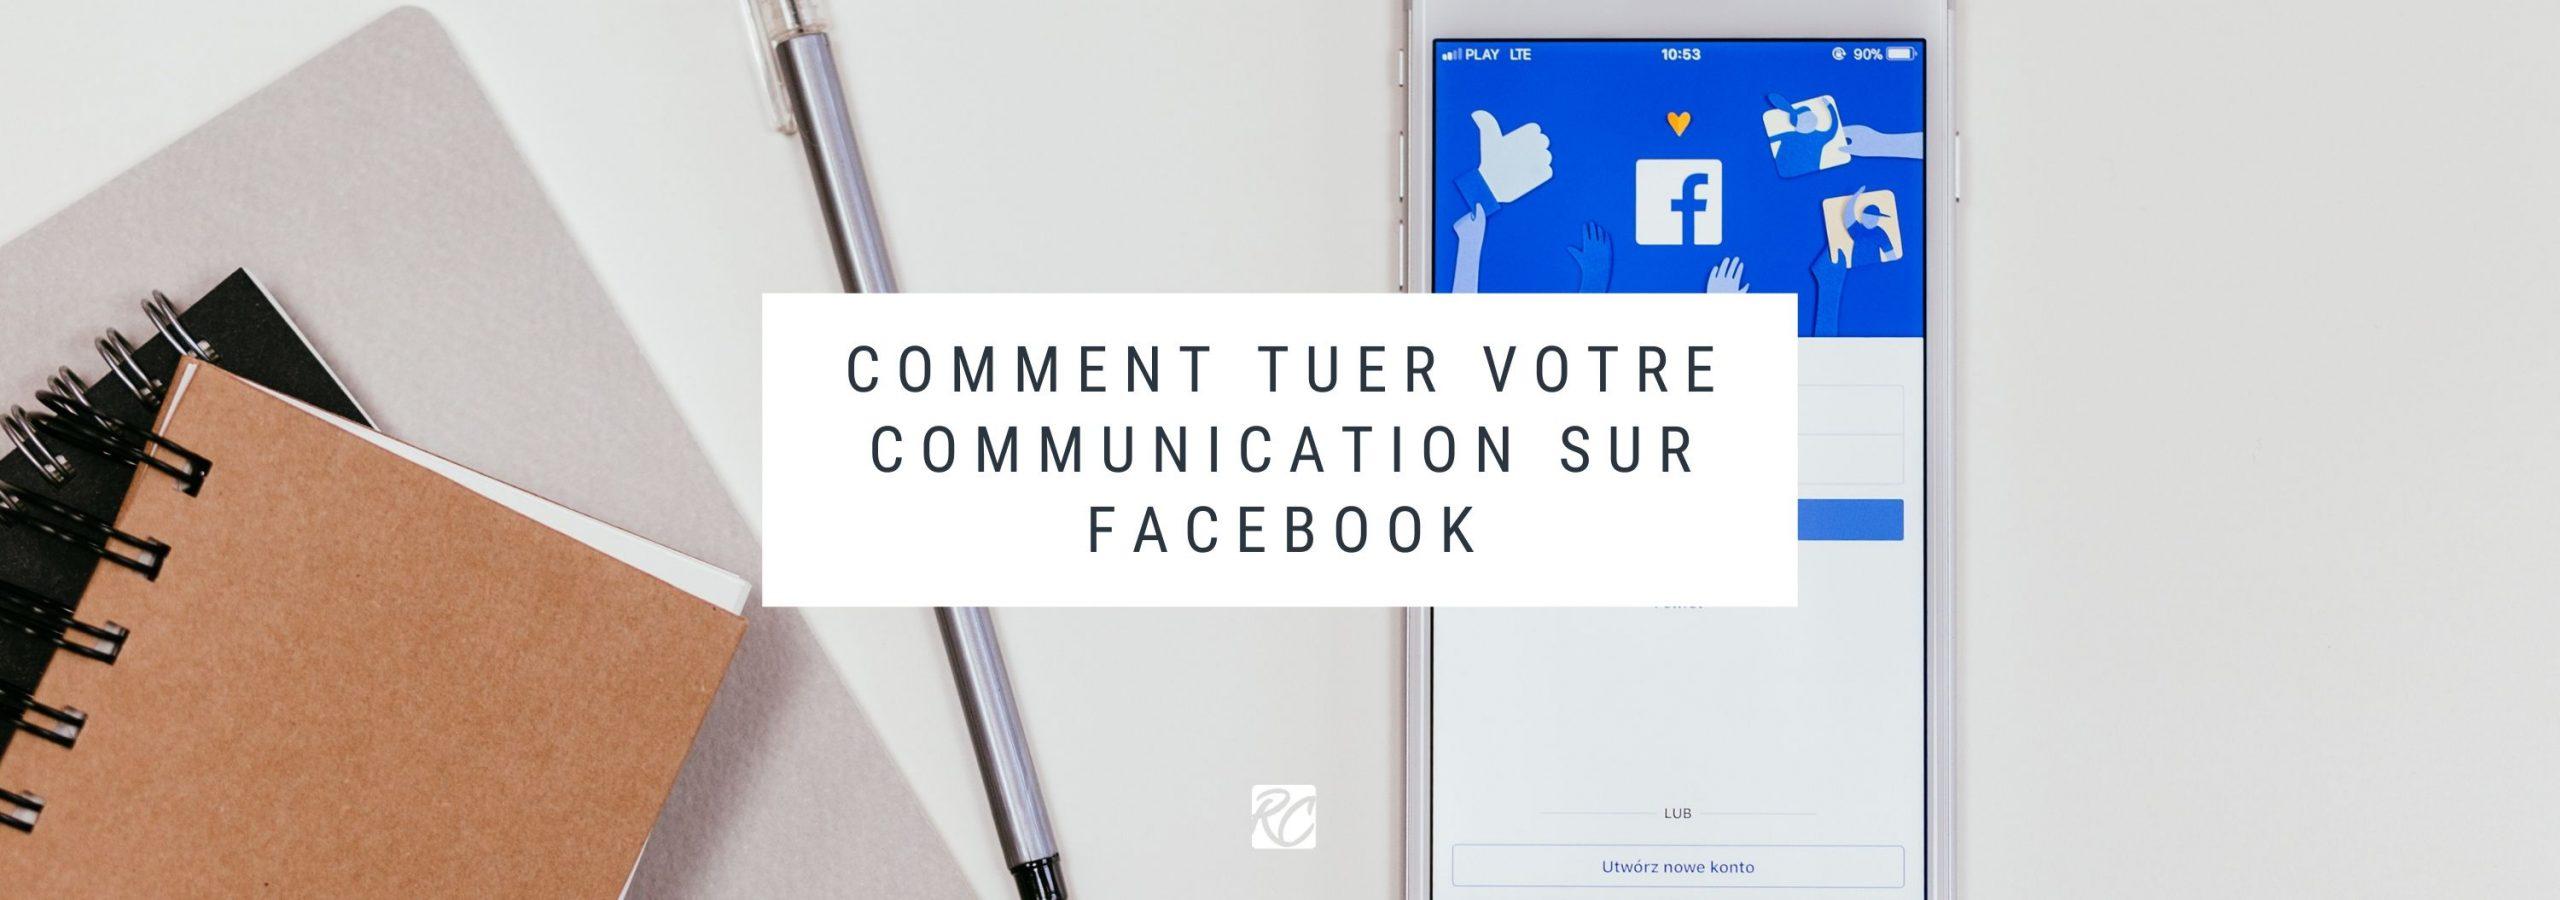 Comment tuer votre communication sur facebook - conseil communication et social media